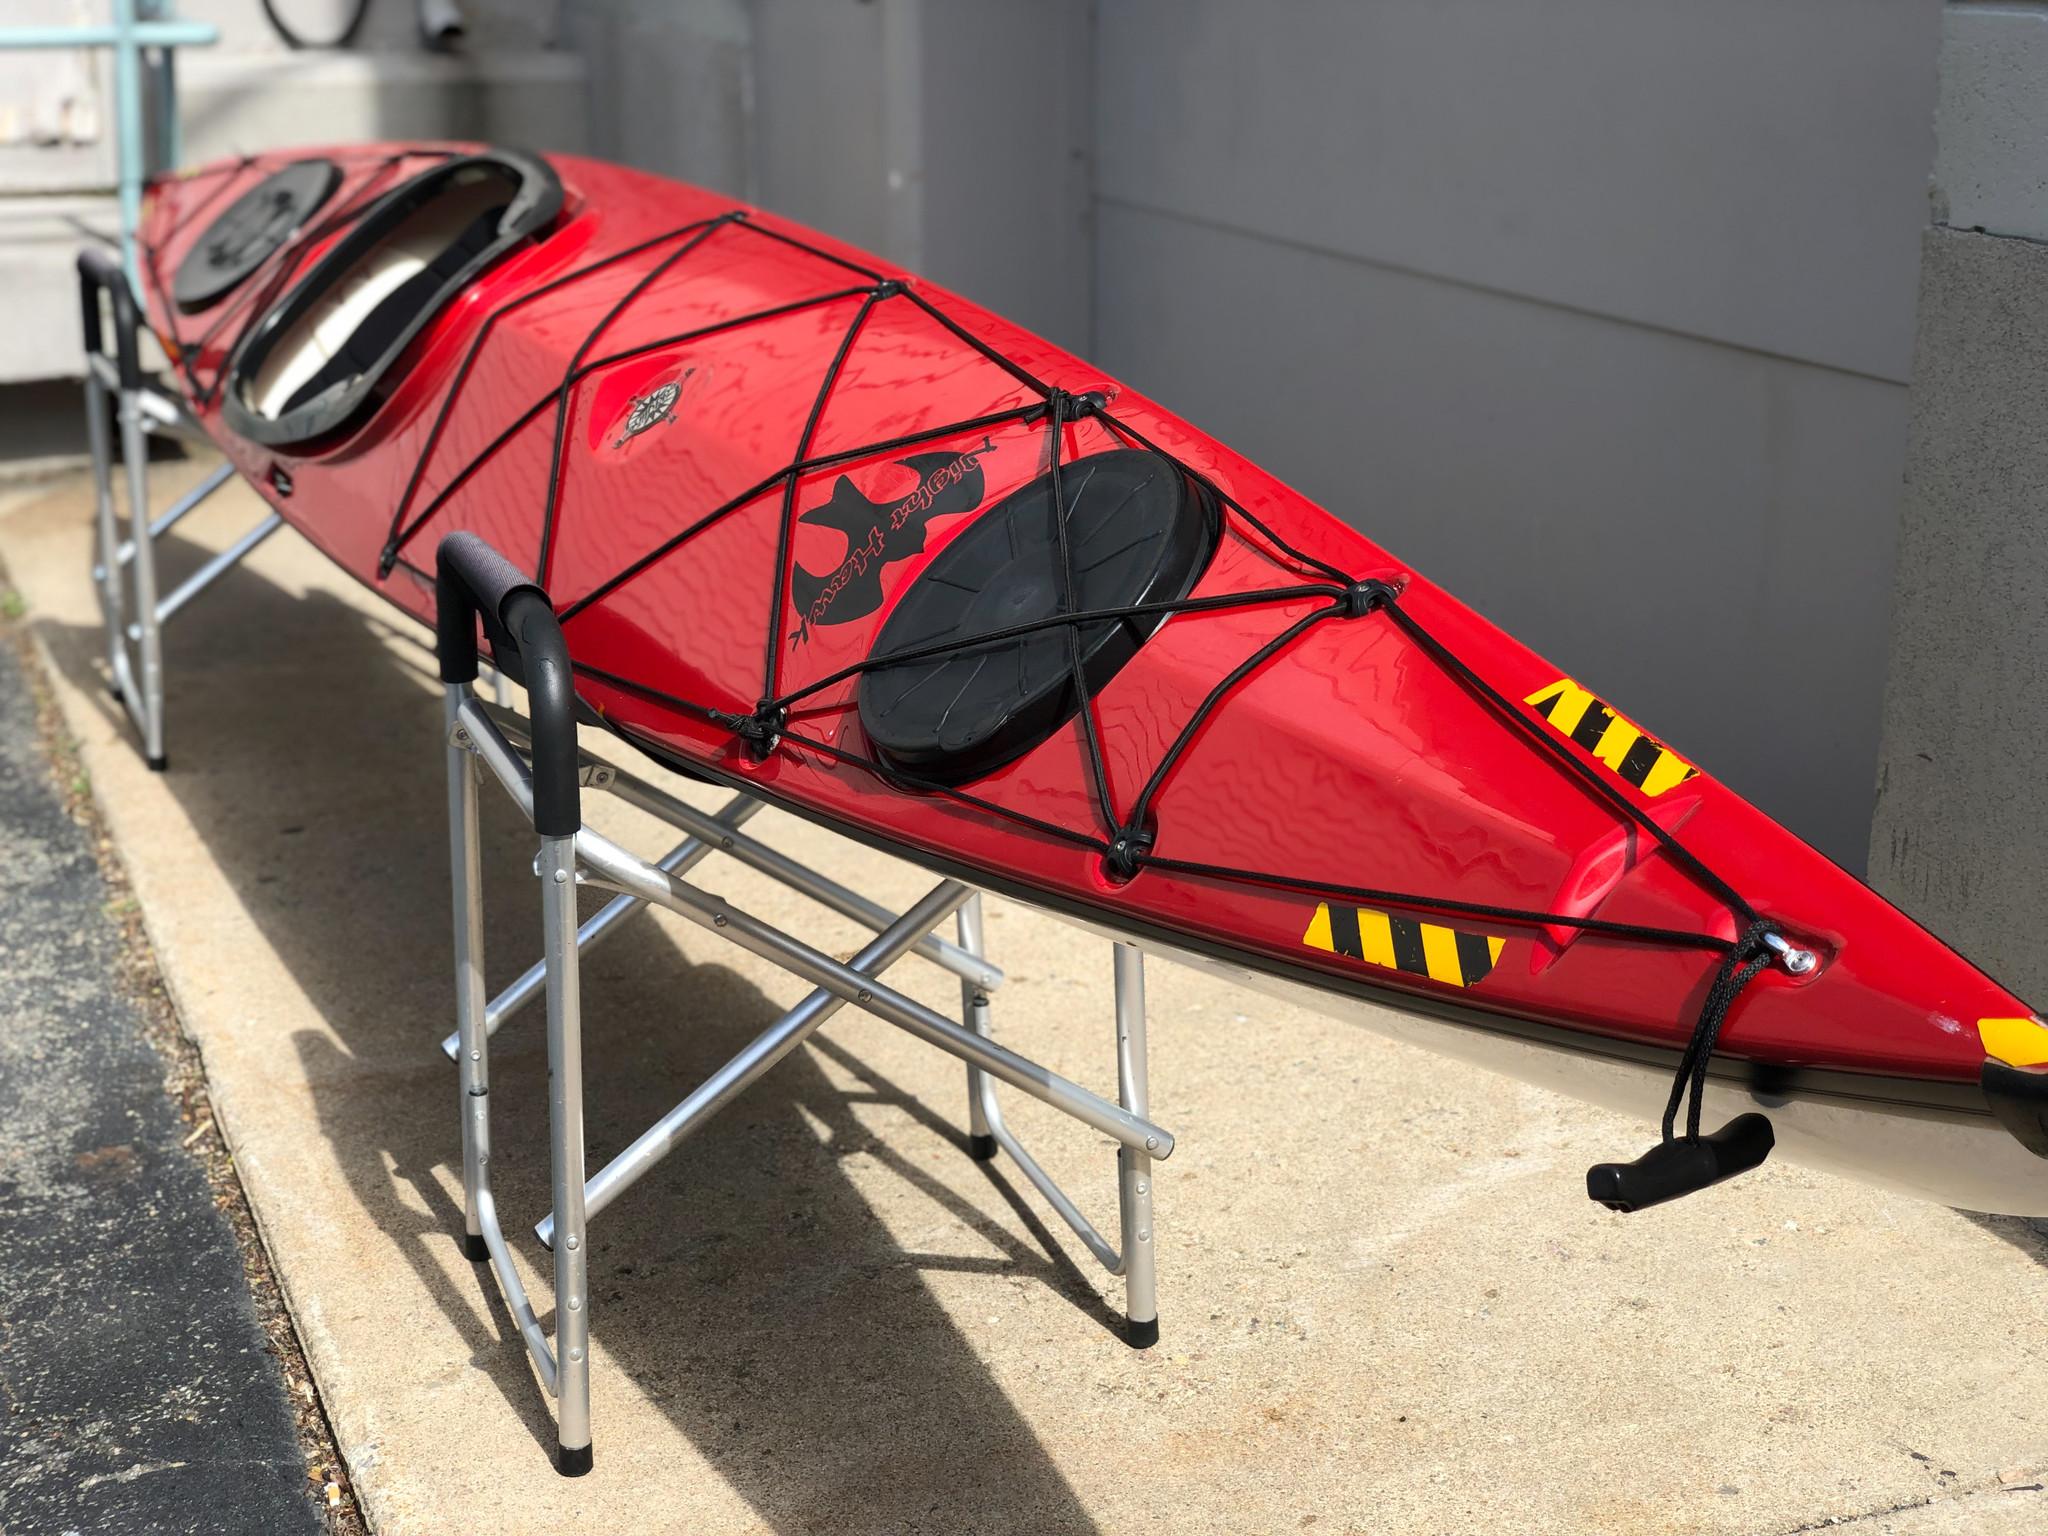 Eddyline Kayaks Night Hawk 16 Red Used